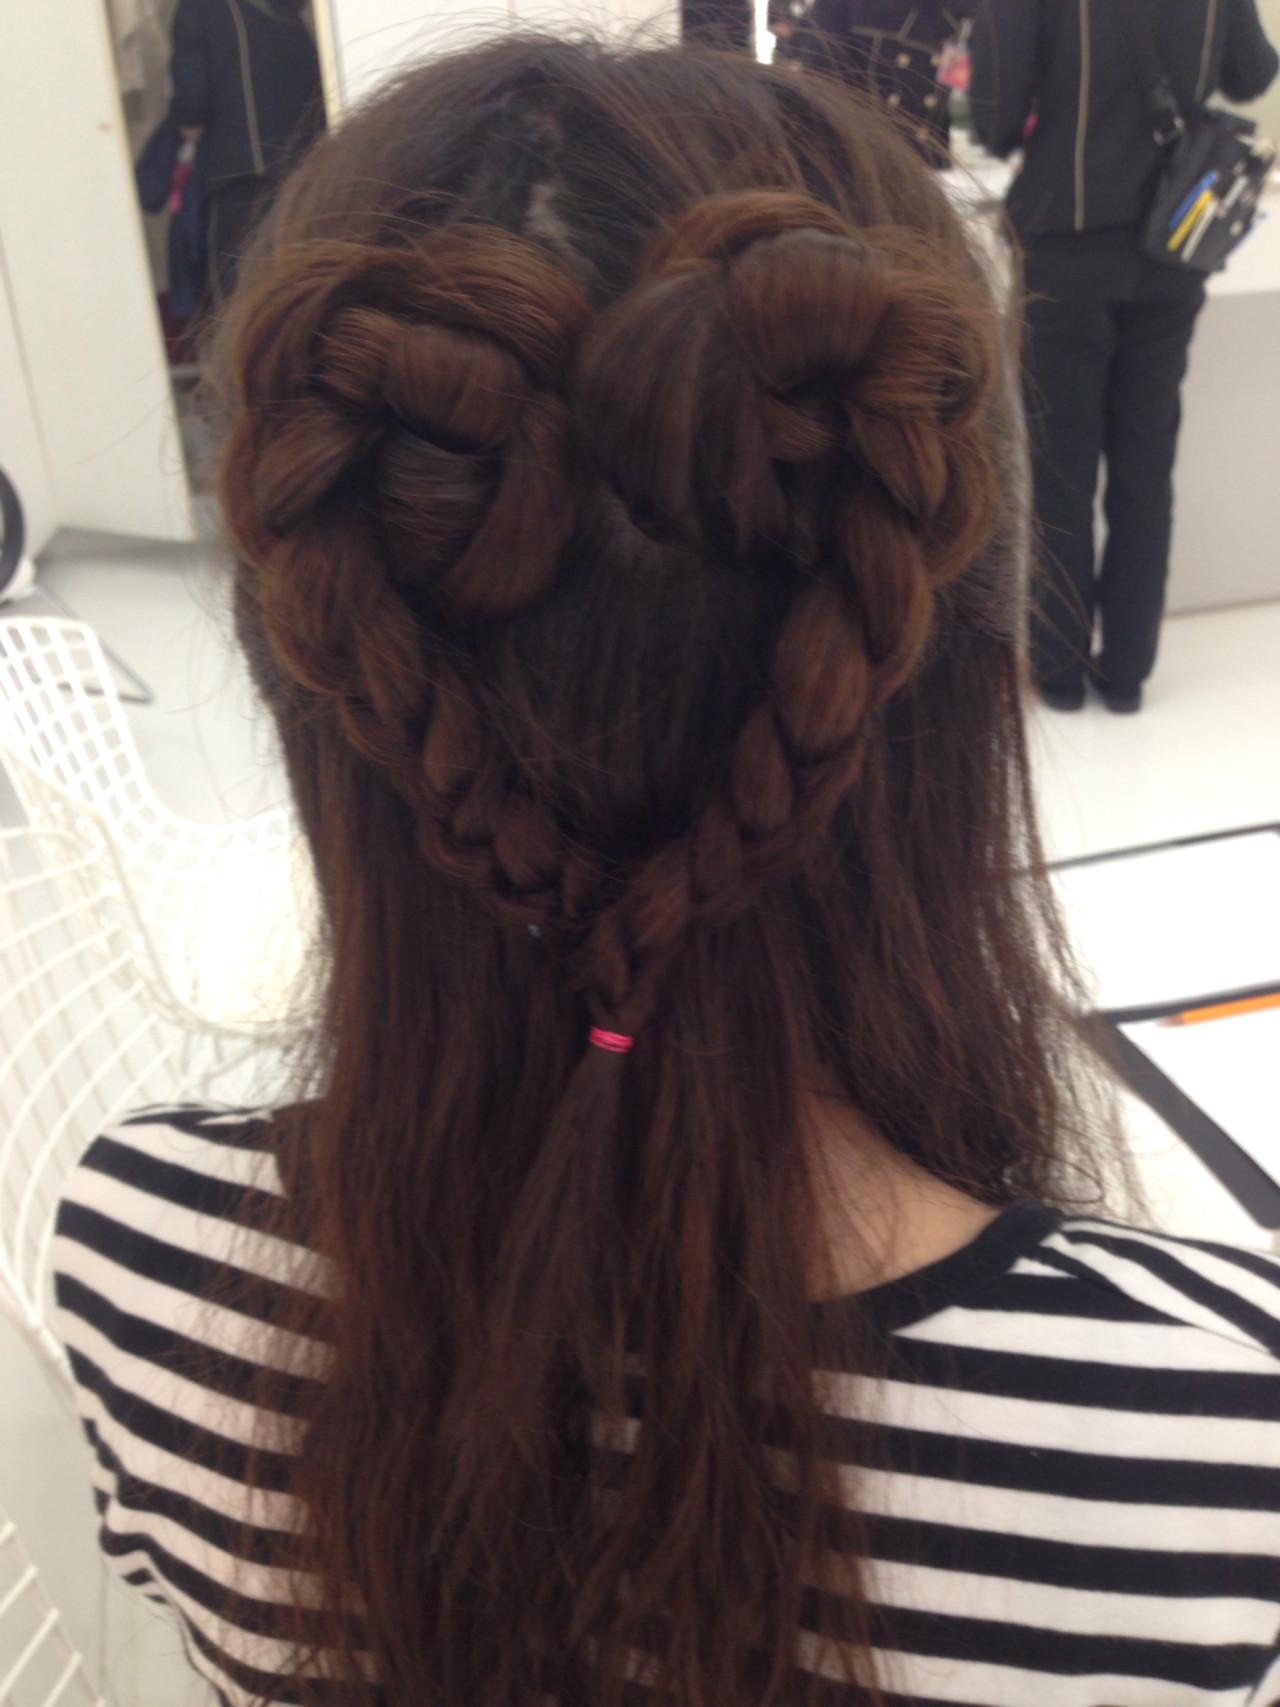 ハートモチーフでガーリーに♡とびきり可愛くなれちゃうハートのヘアアレンジ10選 志織